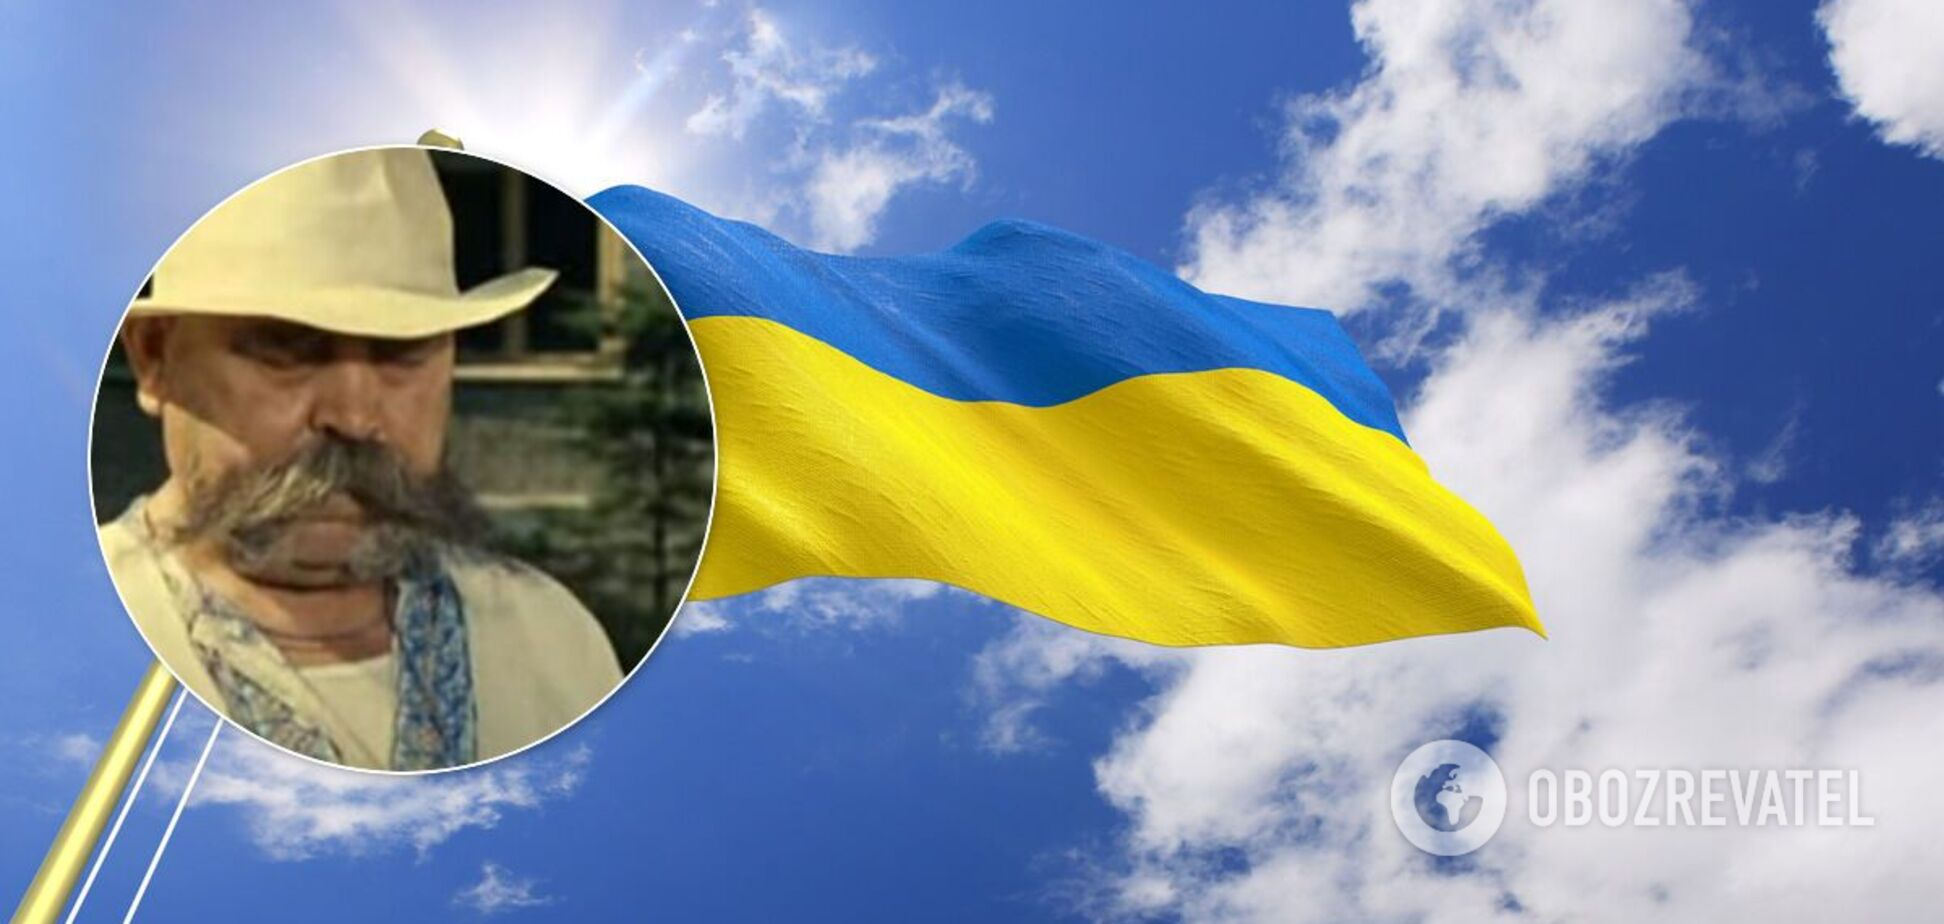 П'яничка у вишиванці: як в кіно СРСР показували українців. А ви кажете, мистецтво поза політикою